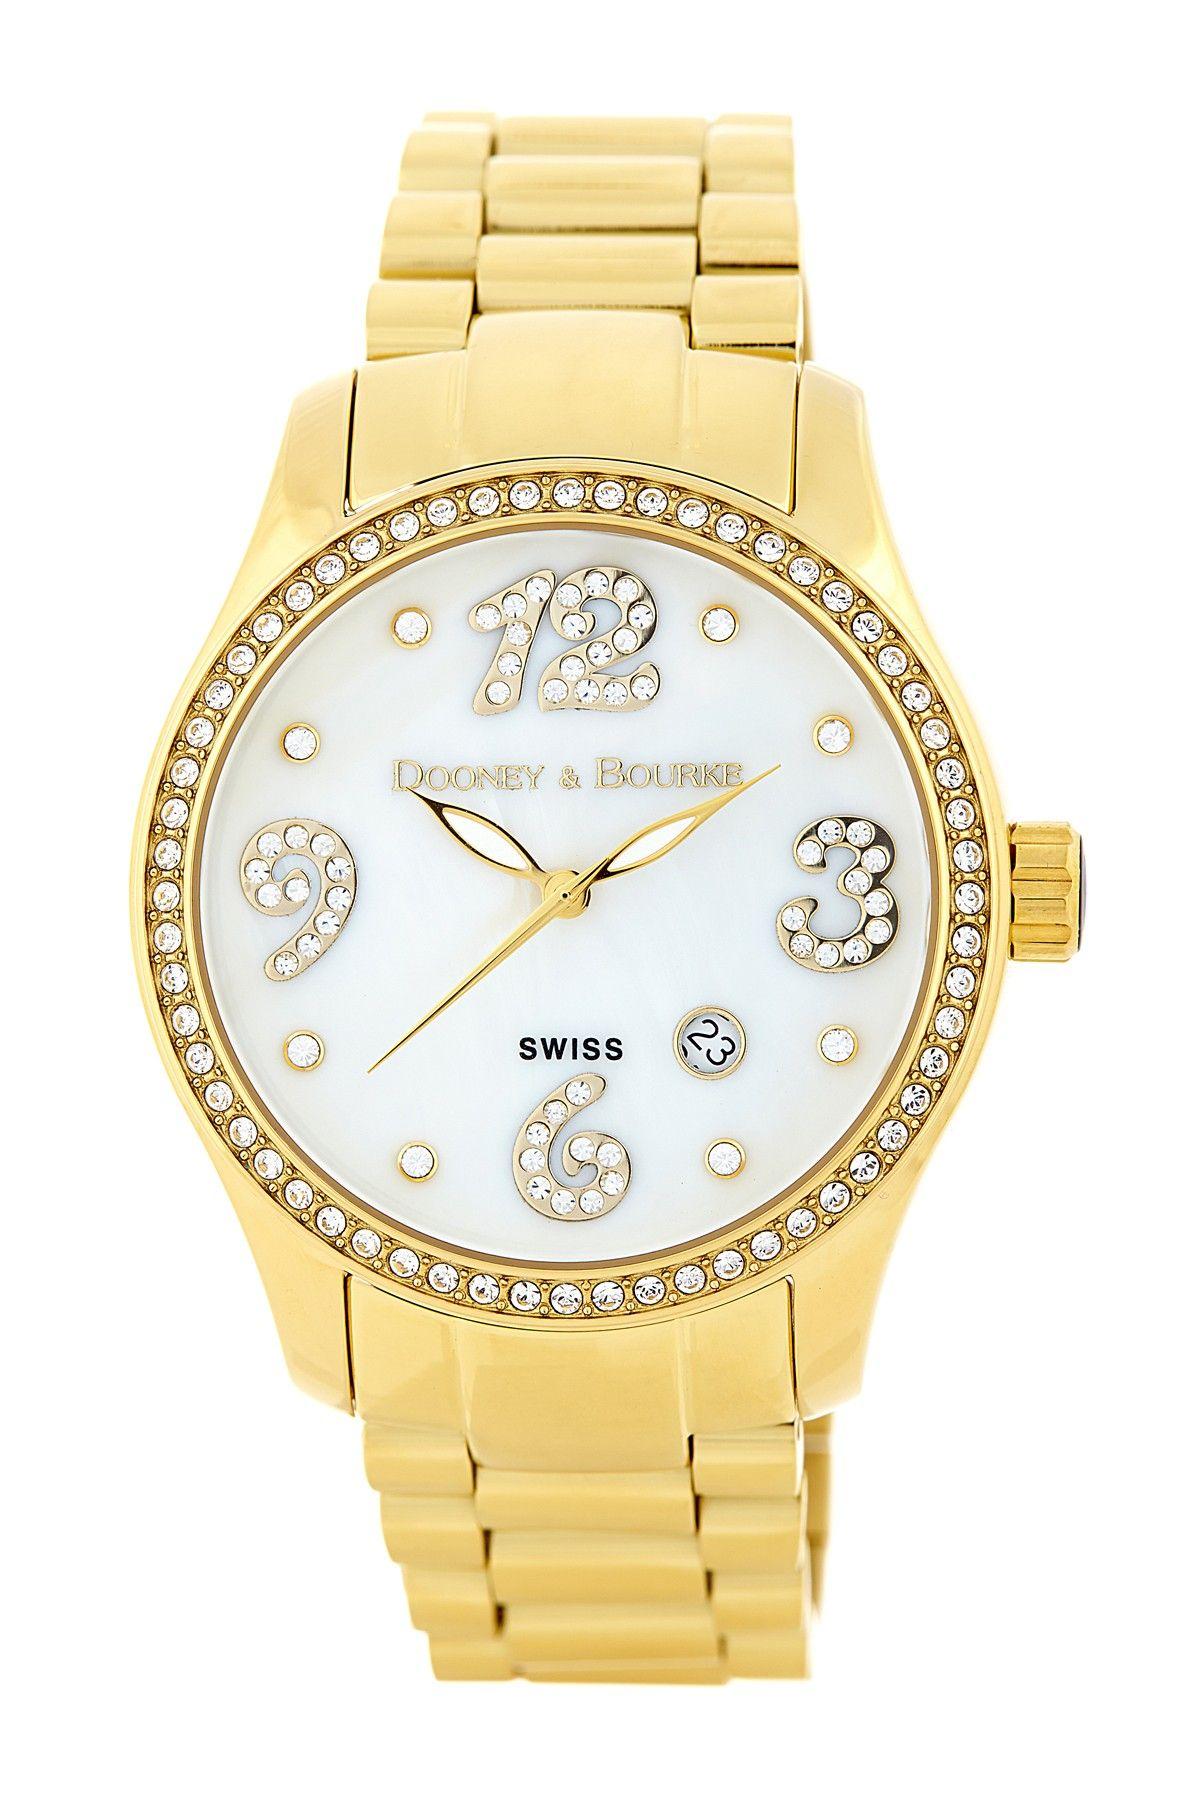 85ed9128973 Dooney   Bourke Women s Gold Crystal Mother of Pearl Bracelet Watch ...